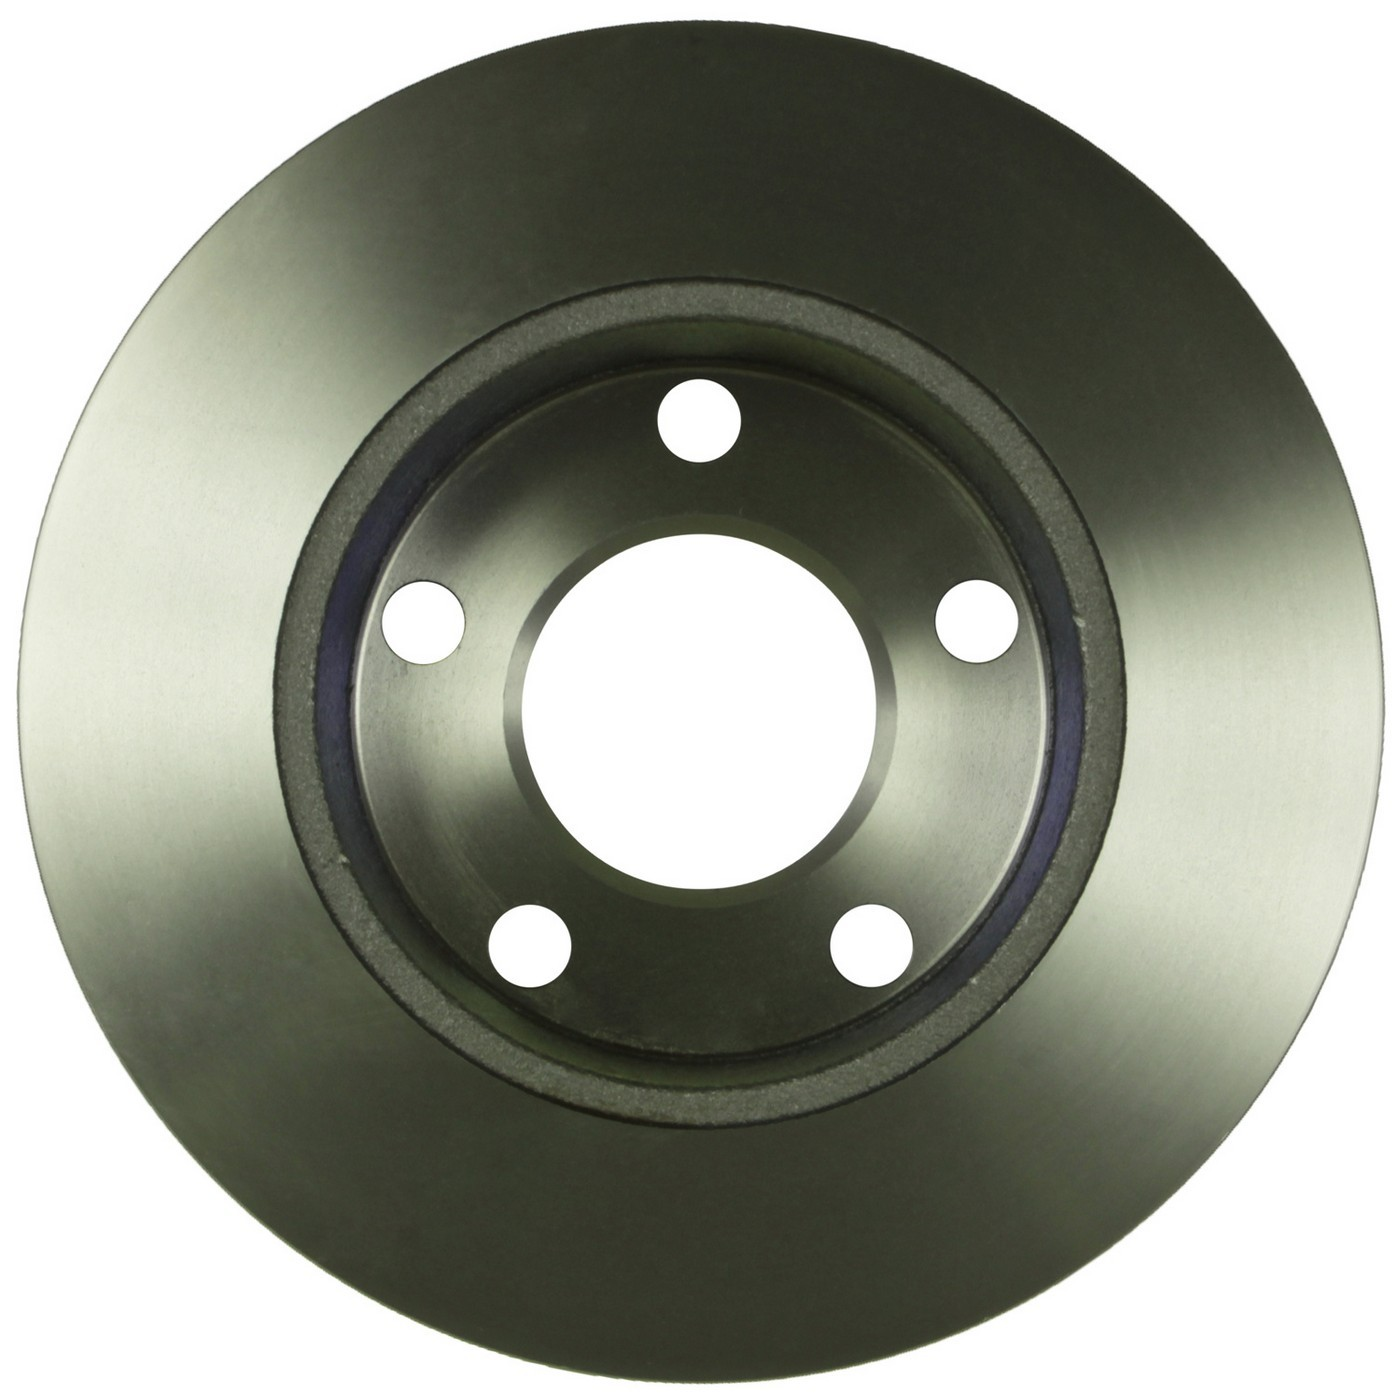 Bosch 14010013 QuietCast Premium Disc Brake Rotor